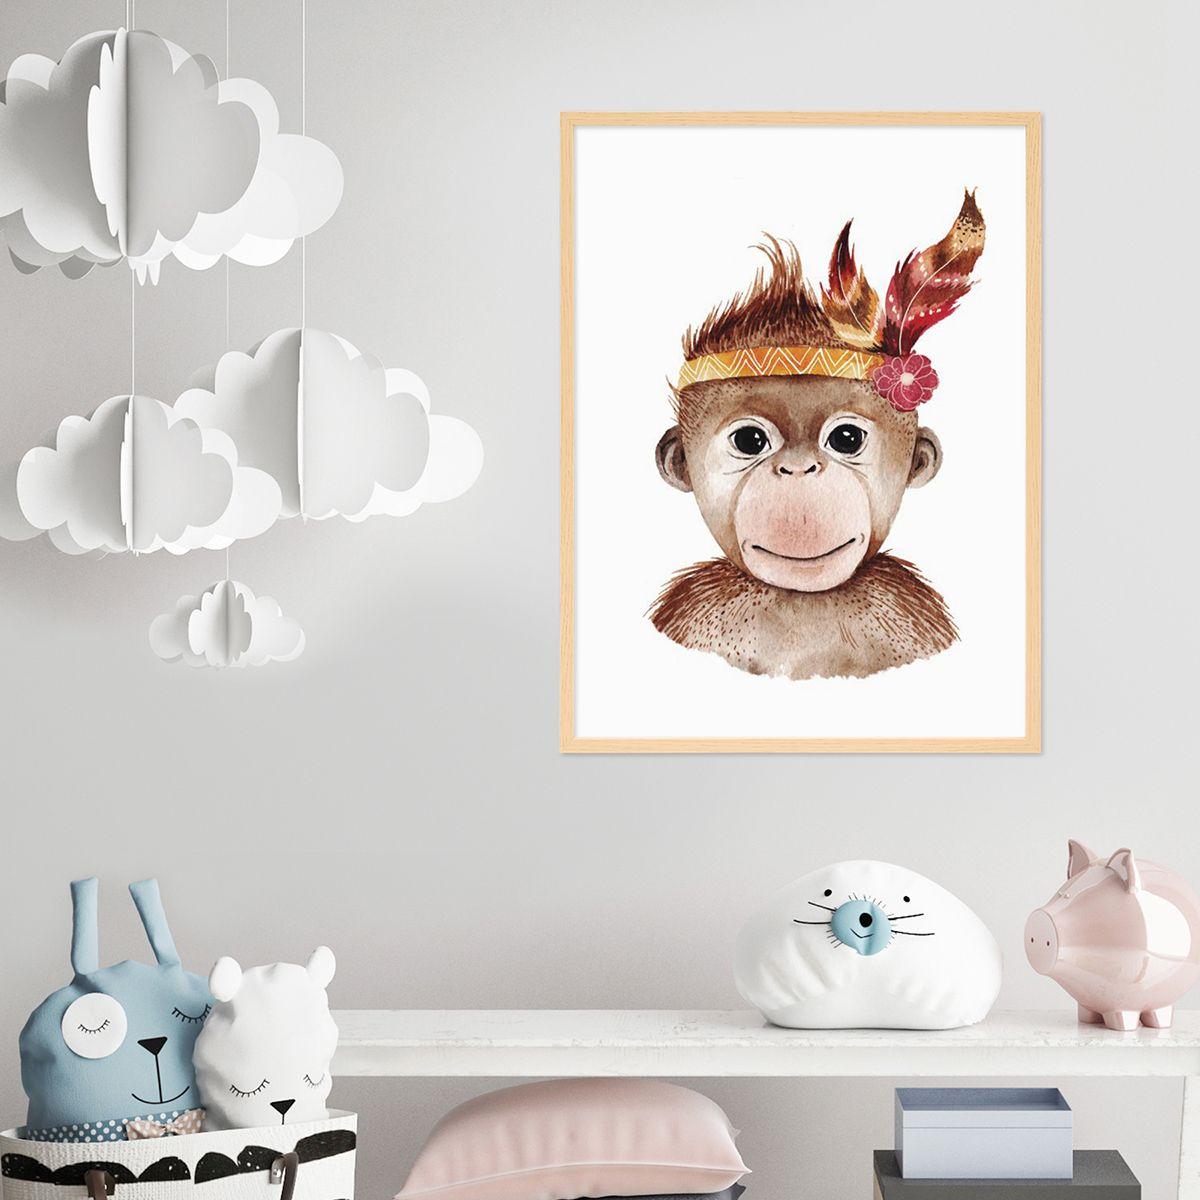 Poster für das Kinderzimmer mit bilderrahmen 'Affe